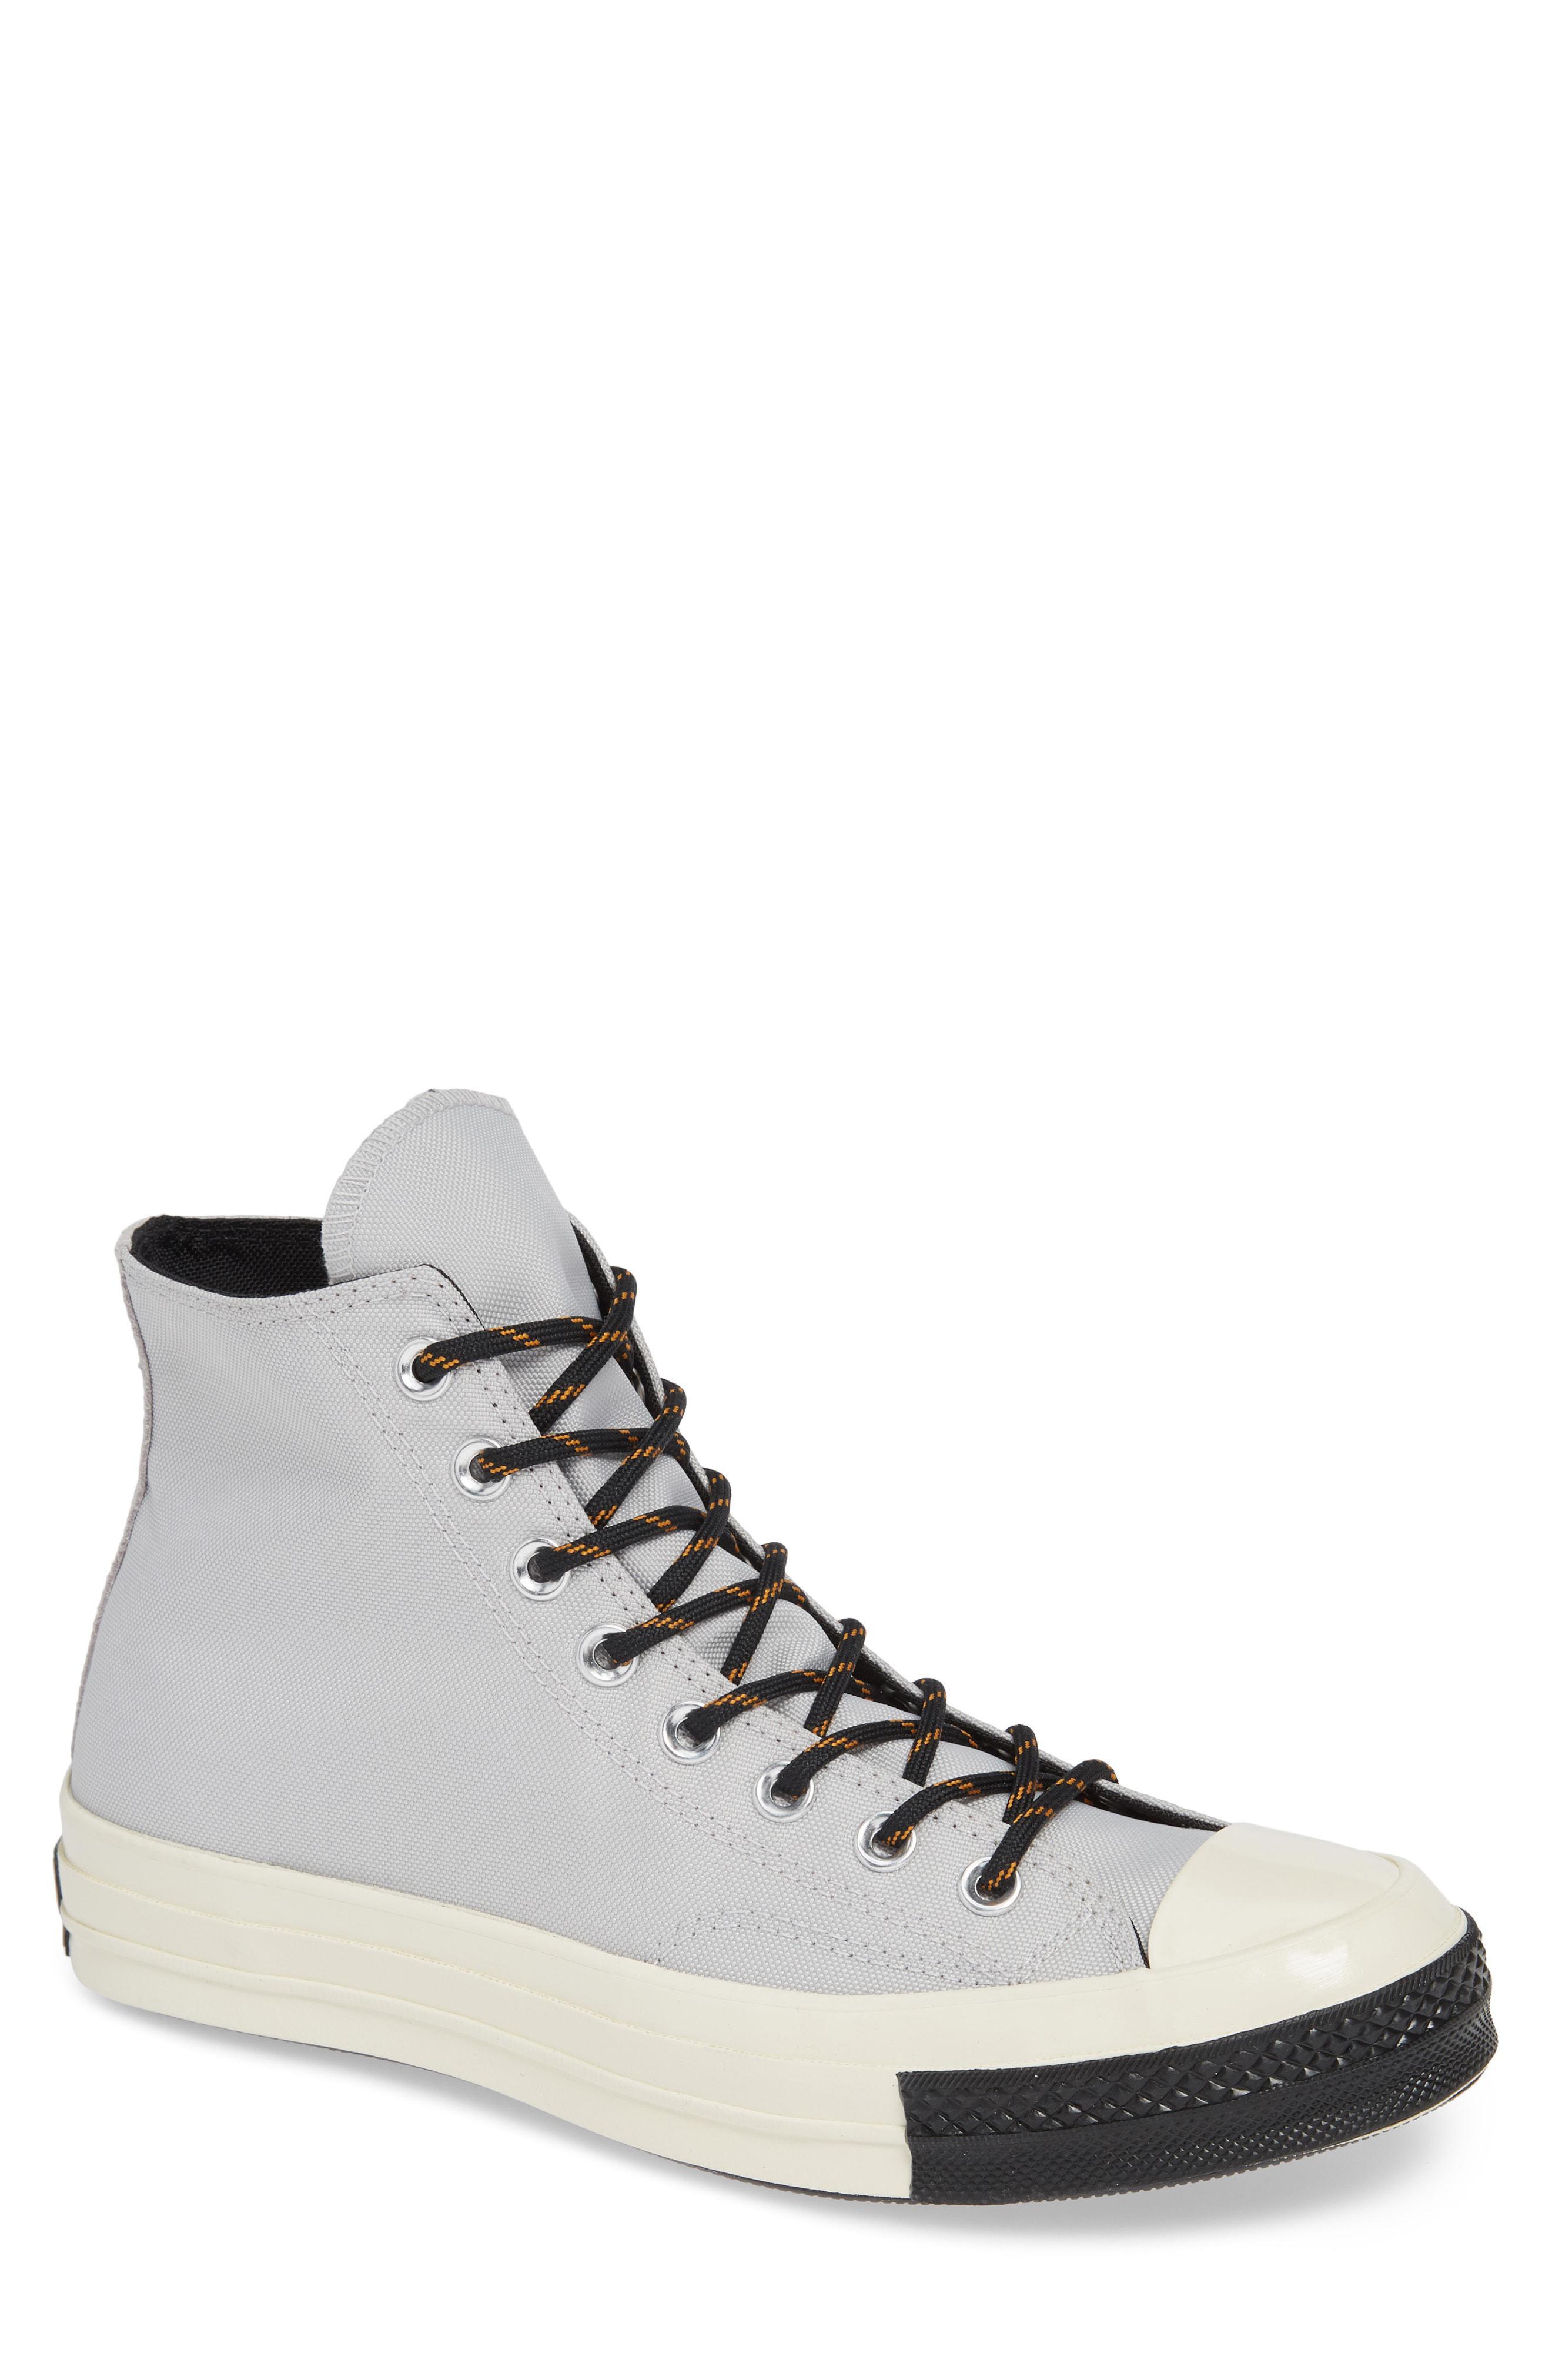 c72343bb4eaa Lyst - Converse Chuck 70 Trek Tech High Top Sneaker in Brown for Men